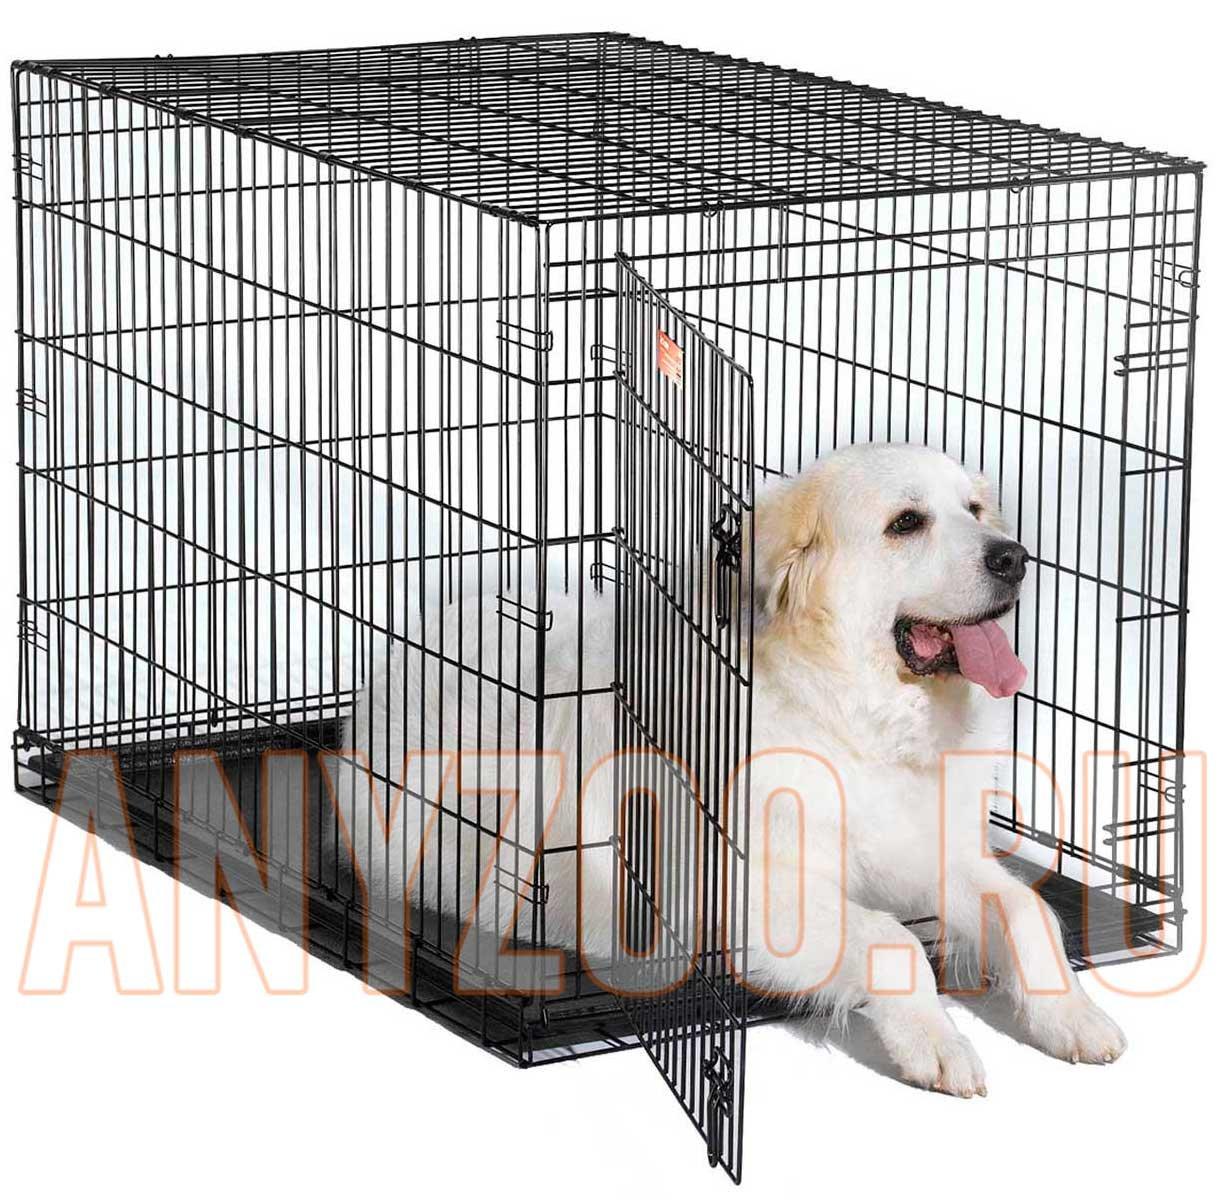 Midwest iCrate клетка для собак, 1 дверь, черная 61*46*48см ( Клетки, вольеры для собак )